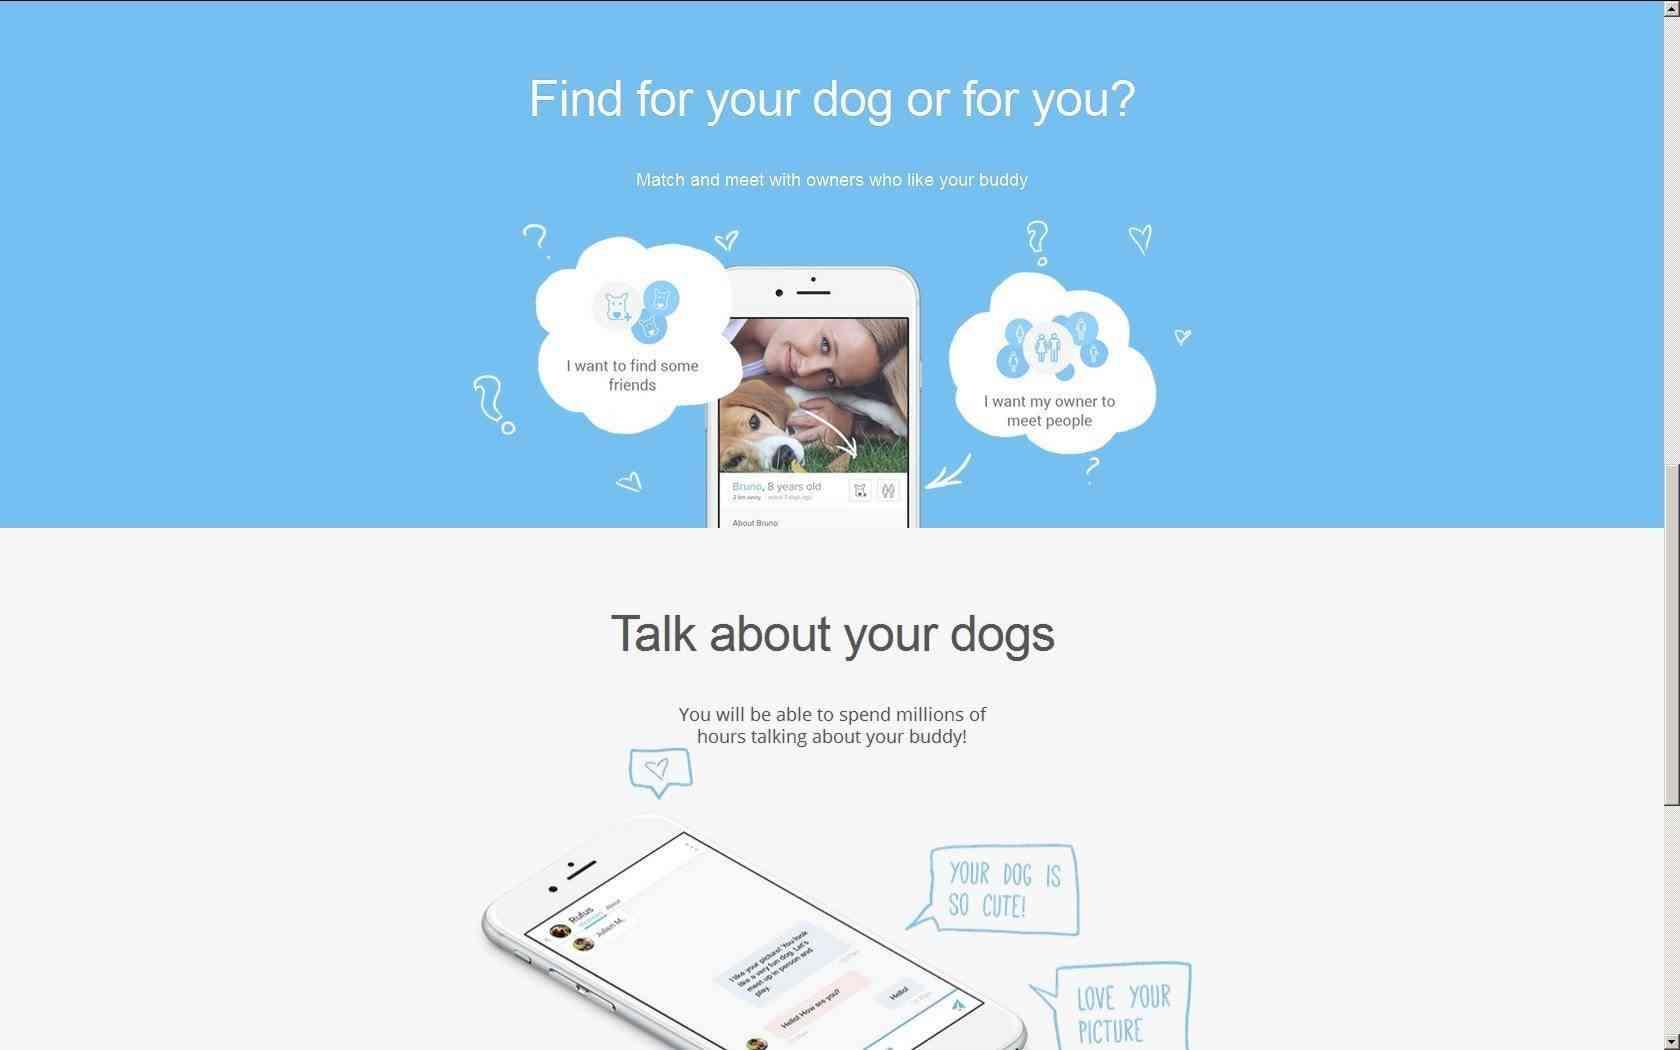 Tu mascota ya podrá mirar fotos y hacer match con otros caninos desde la comodidad del sofá.